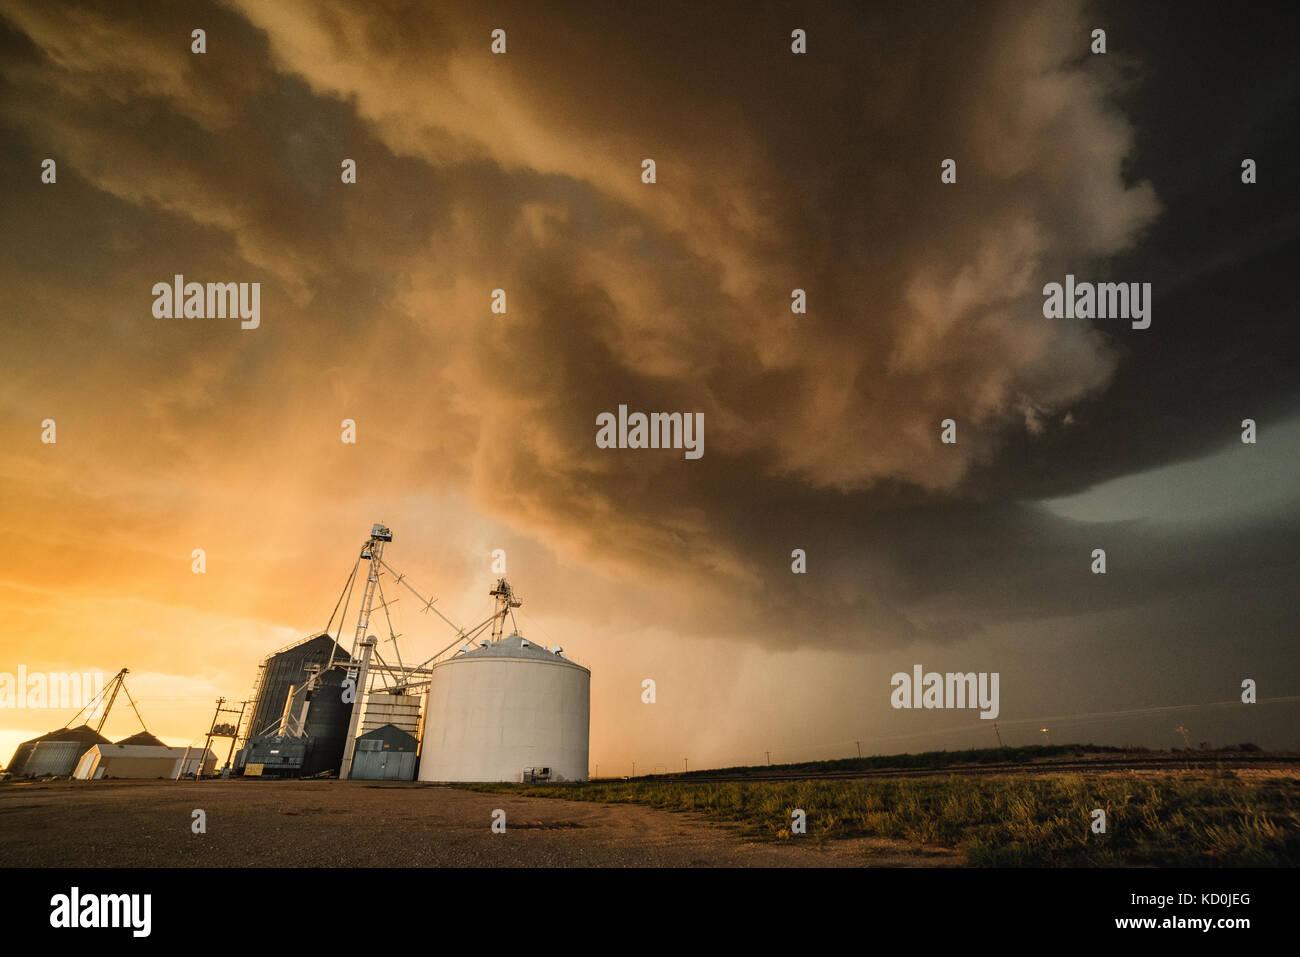 Starker Sturm über der Stadt Socorro mit starkem Wind, Regen und Hagel, getreidesilo im Vordergrund, Socorro, Texas, USA Stockfoto